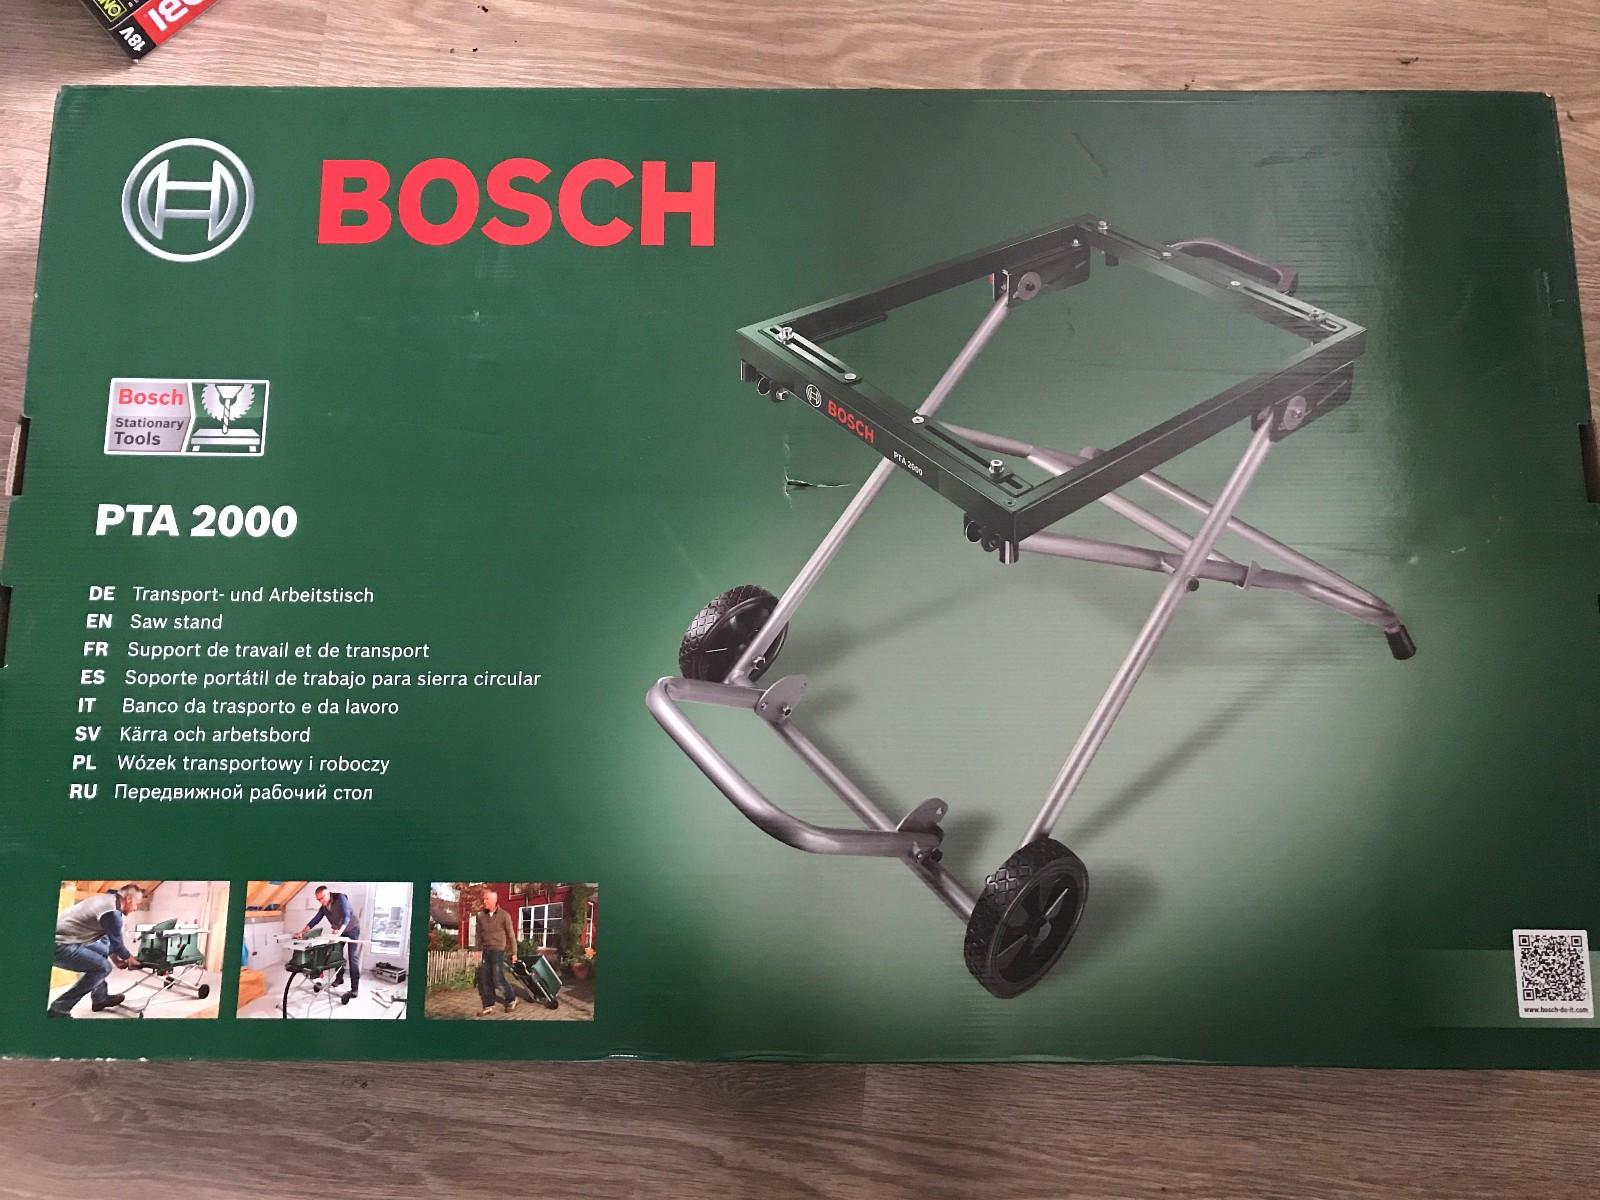 Bosch PTA 2000 sagbord - Hylkje  - Bosch PTA 2000  Et praktisk sammenleggbart transport- og arbeidsbord som passer til Bosch bordsager. Enkelt å transportere med seg. Bæreevne maks 125 kg Sammenleggbart Passer til Bosch bordsager Lav  - Hylkje